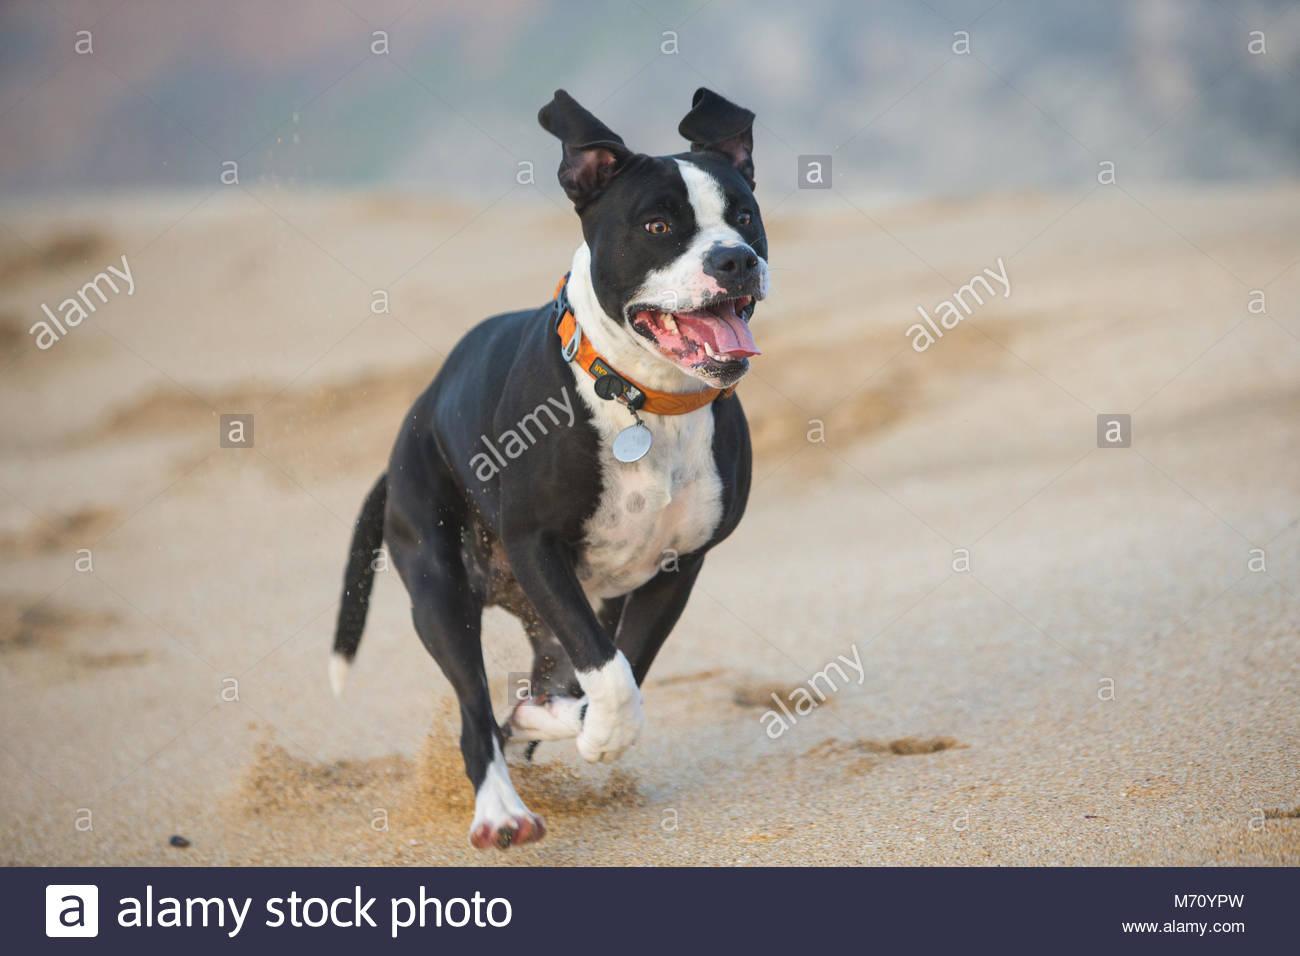 Gerne Schwarz und Weiß pitbull mix Hund mit orange Halsband laufen am Strand mit herausgestreckter Zunge Stockbild